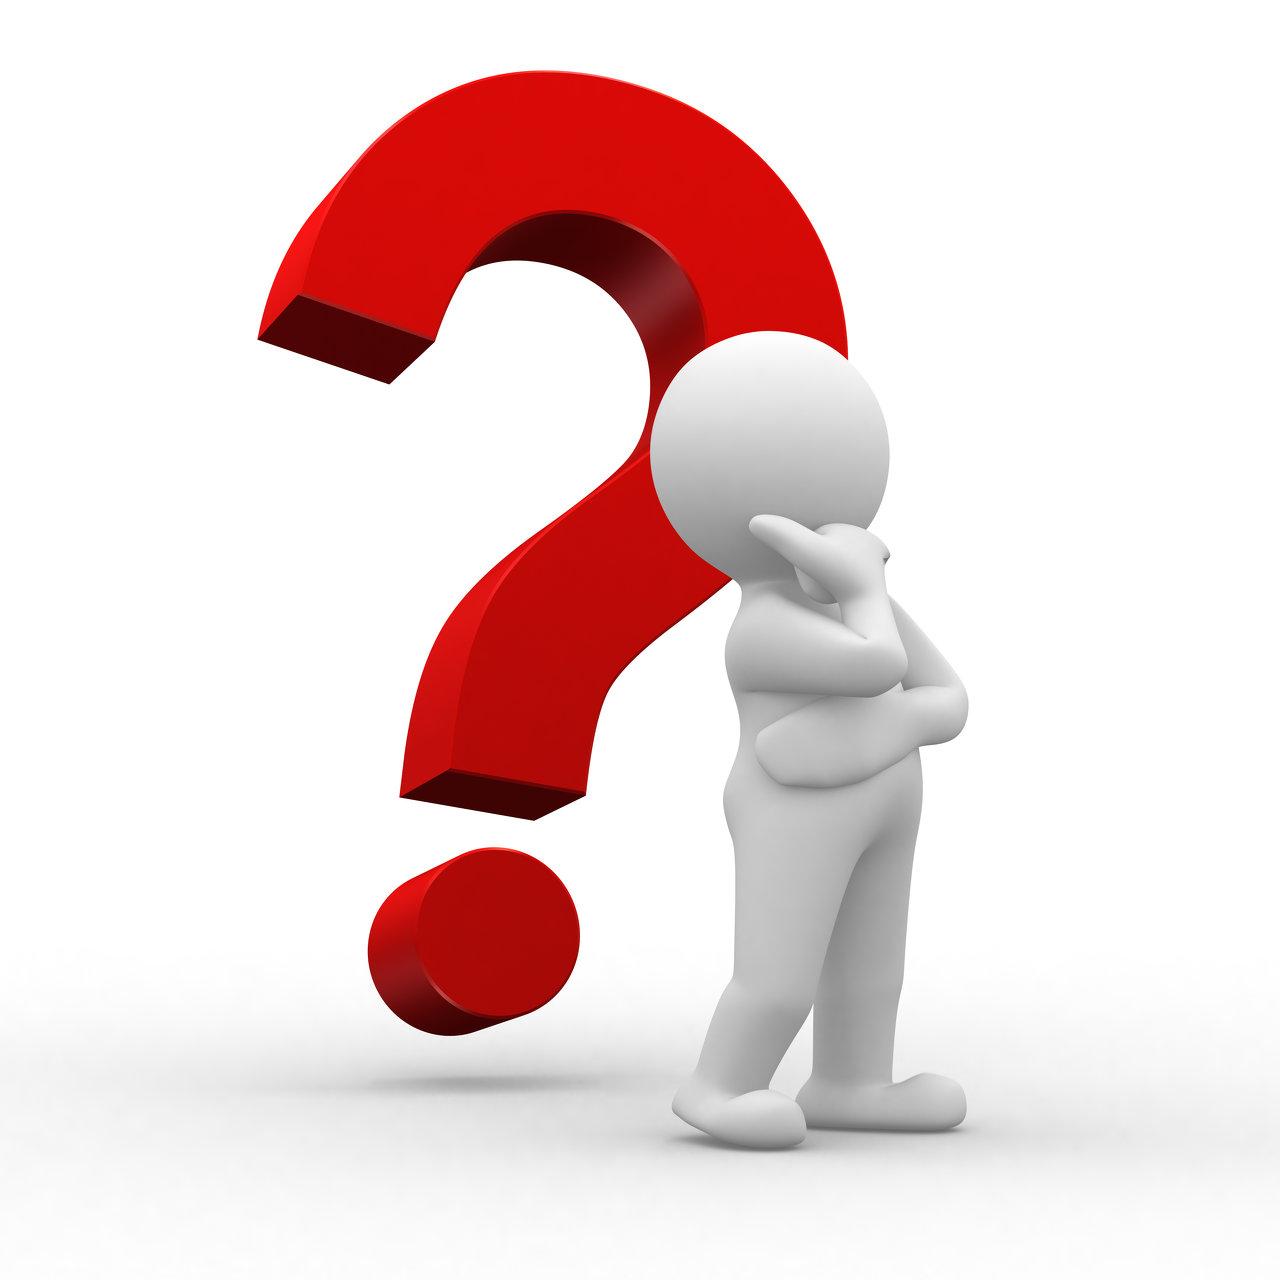 יש לך שאלה? מאגר שאלות נפוצות